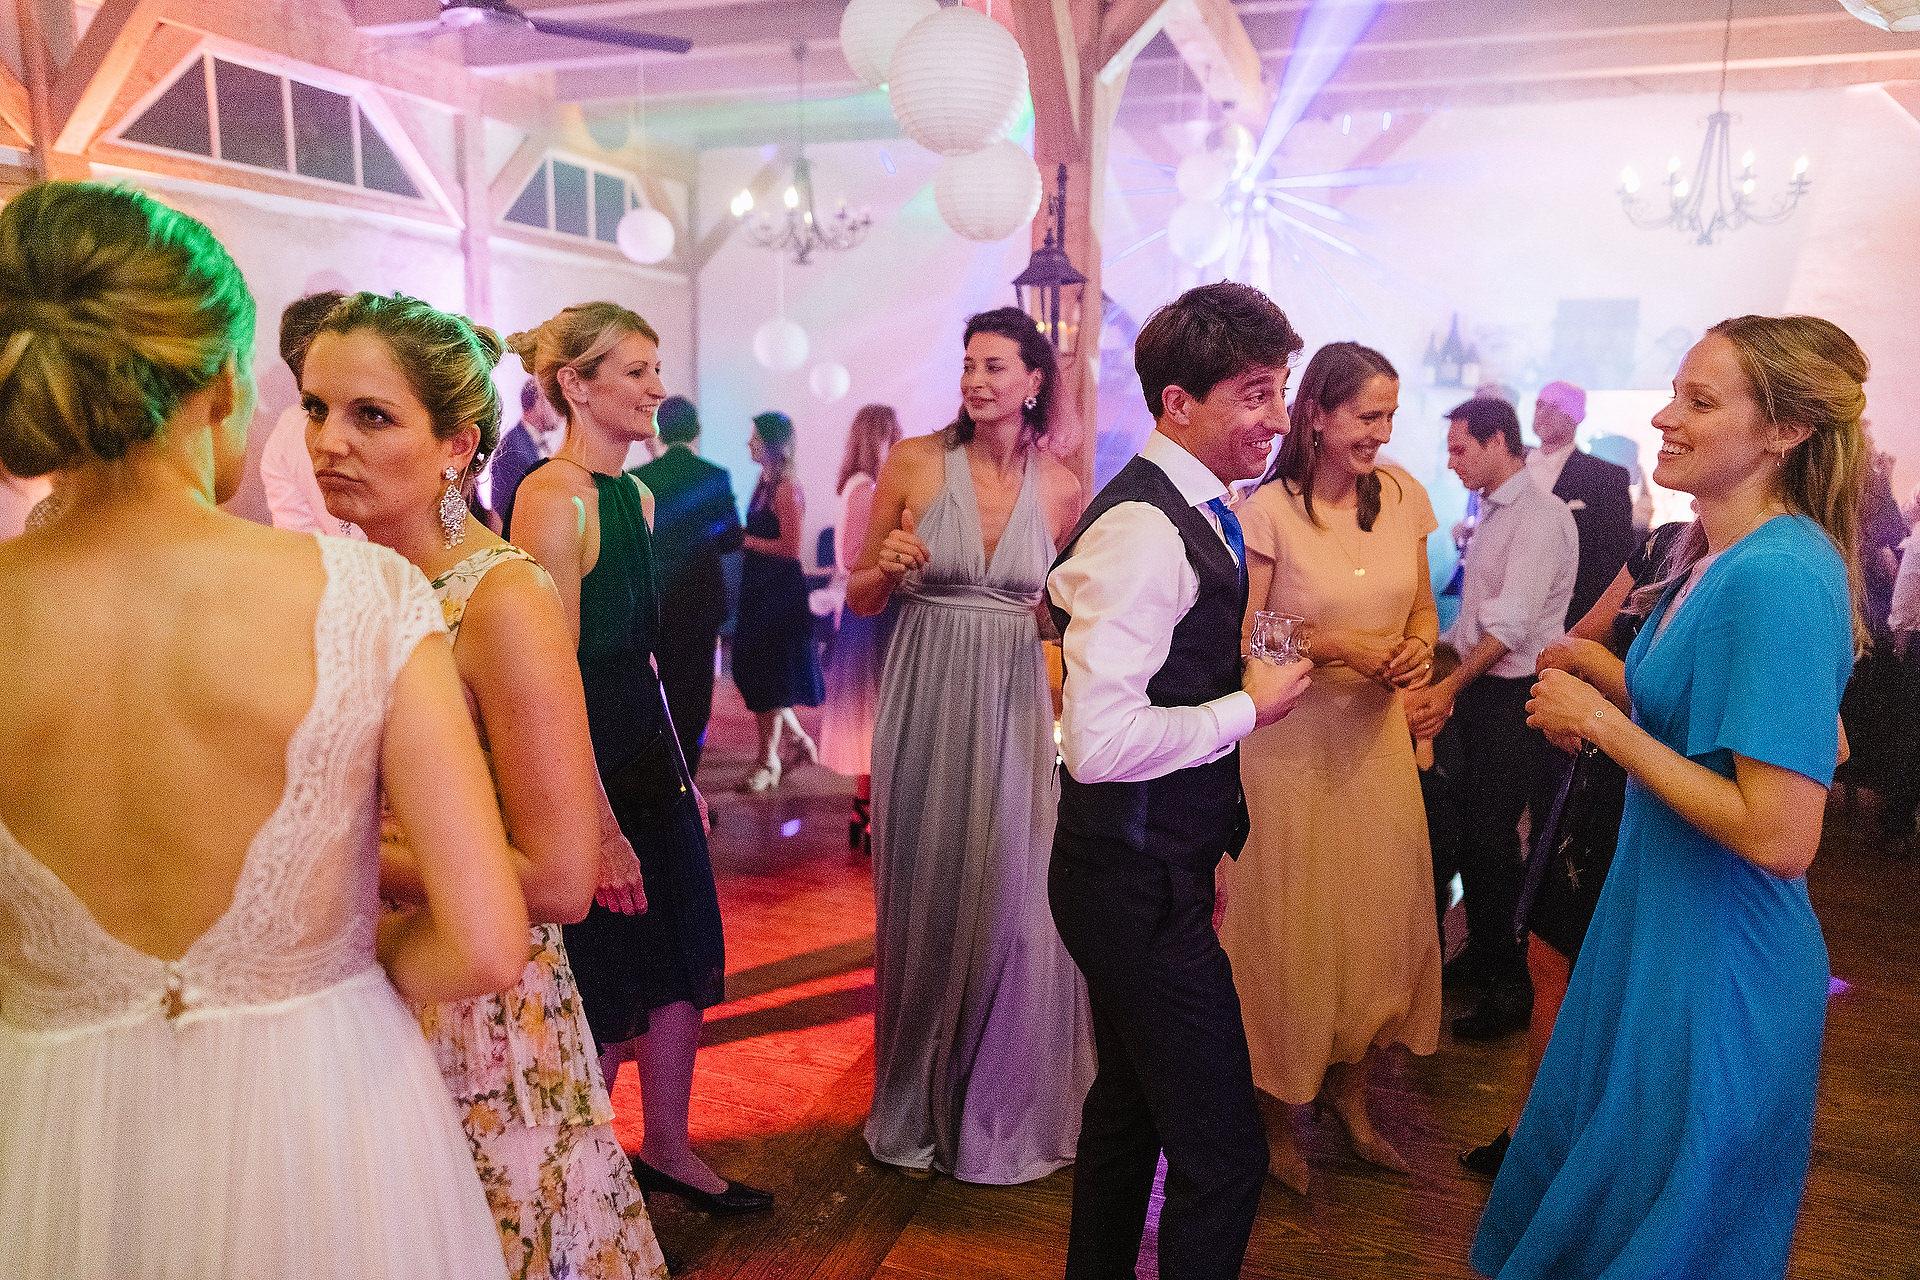 Fotograf Konstanz - Hochzeitsreportage Freiburg Hofgut Lilienhof Hochzeit Fotograf Konstanz 96 - Hochzeit in Freiburg und Hofgut Lilienhof  - 85 -